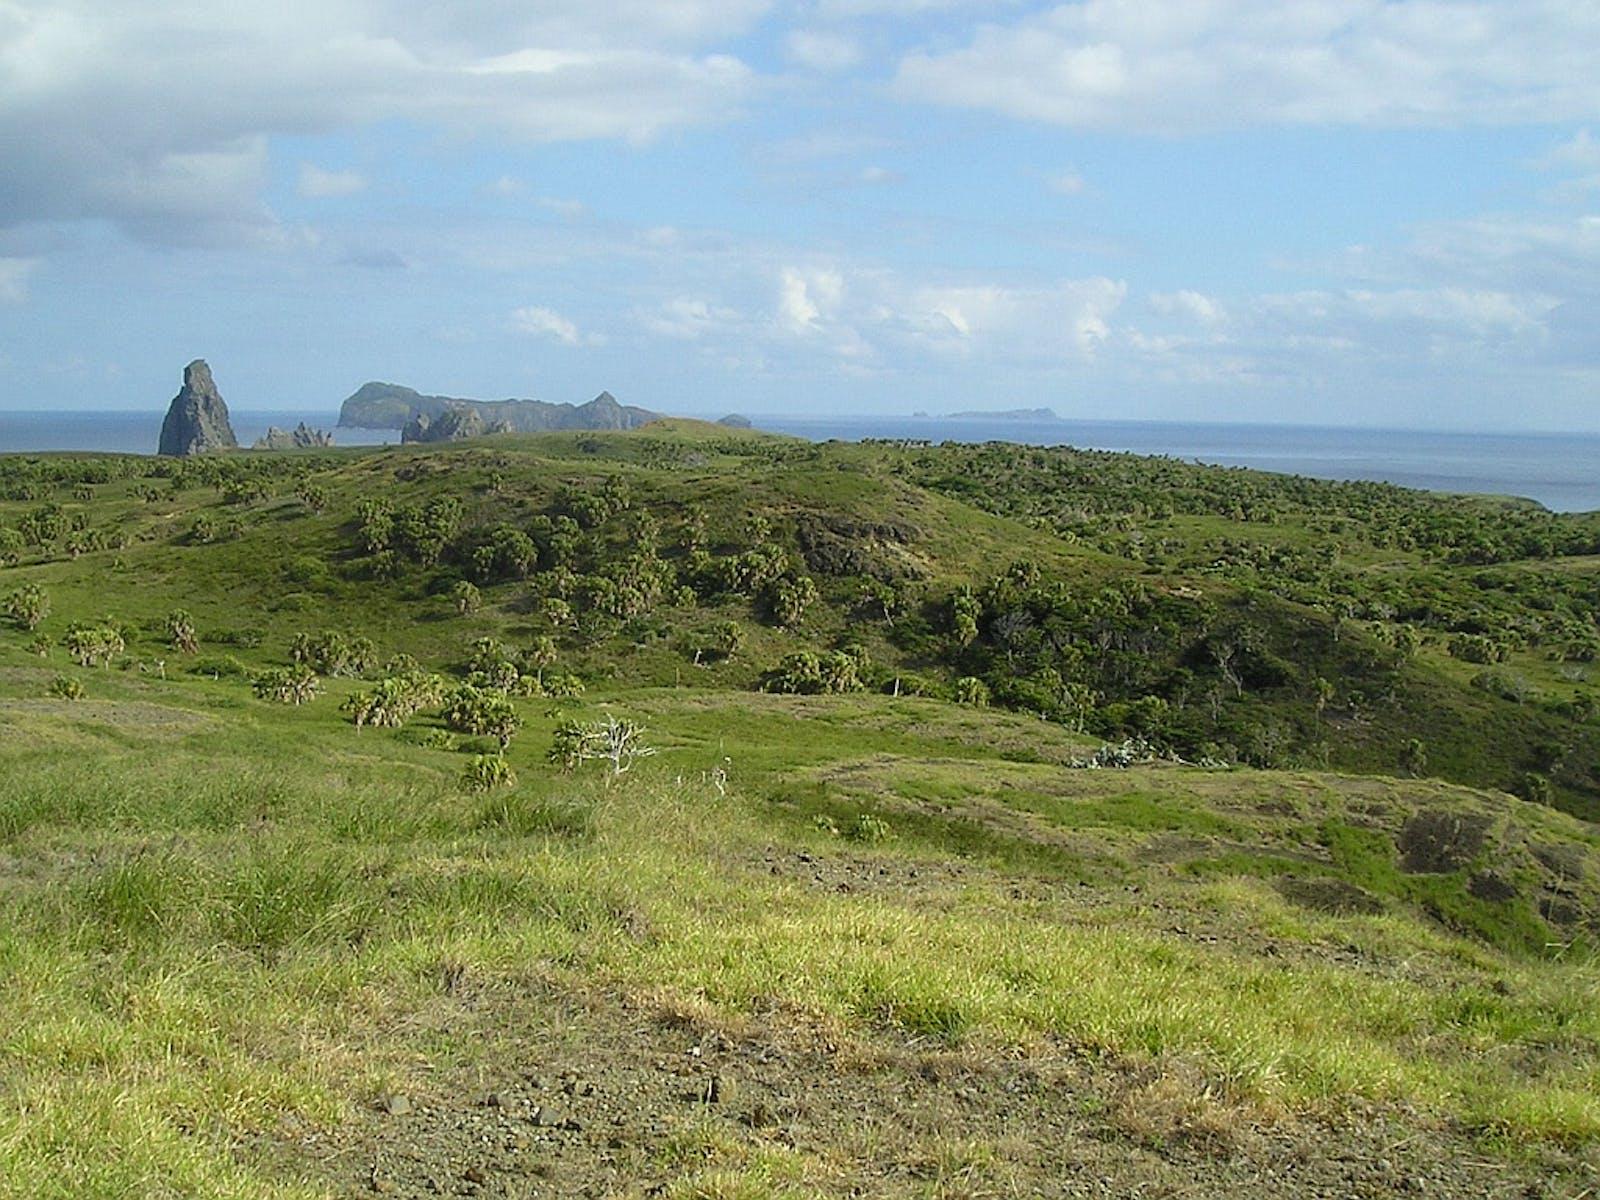 Ogasawara Subtropical Moist Forests